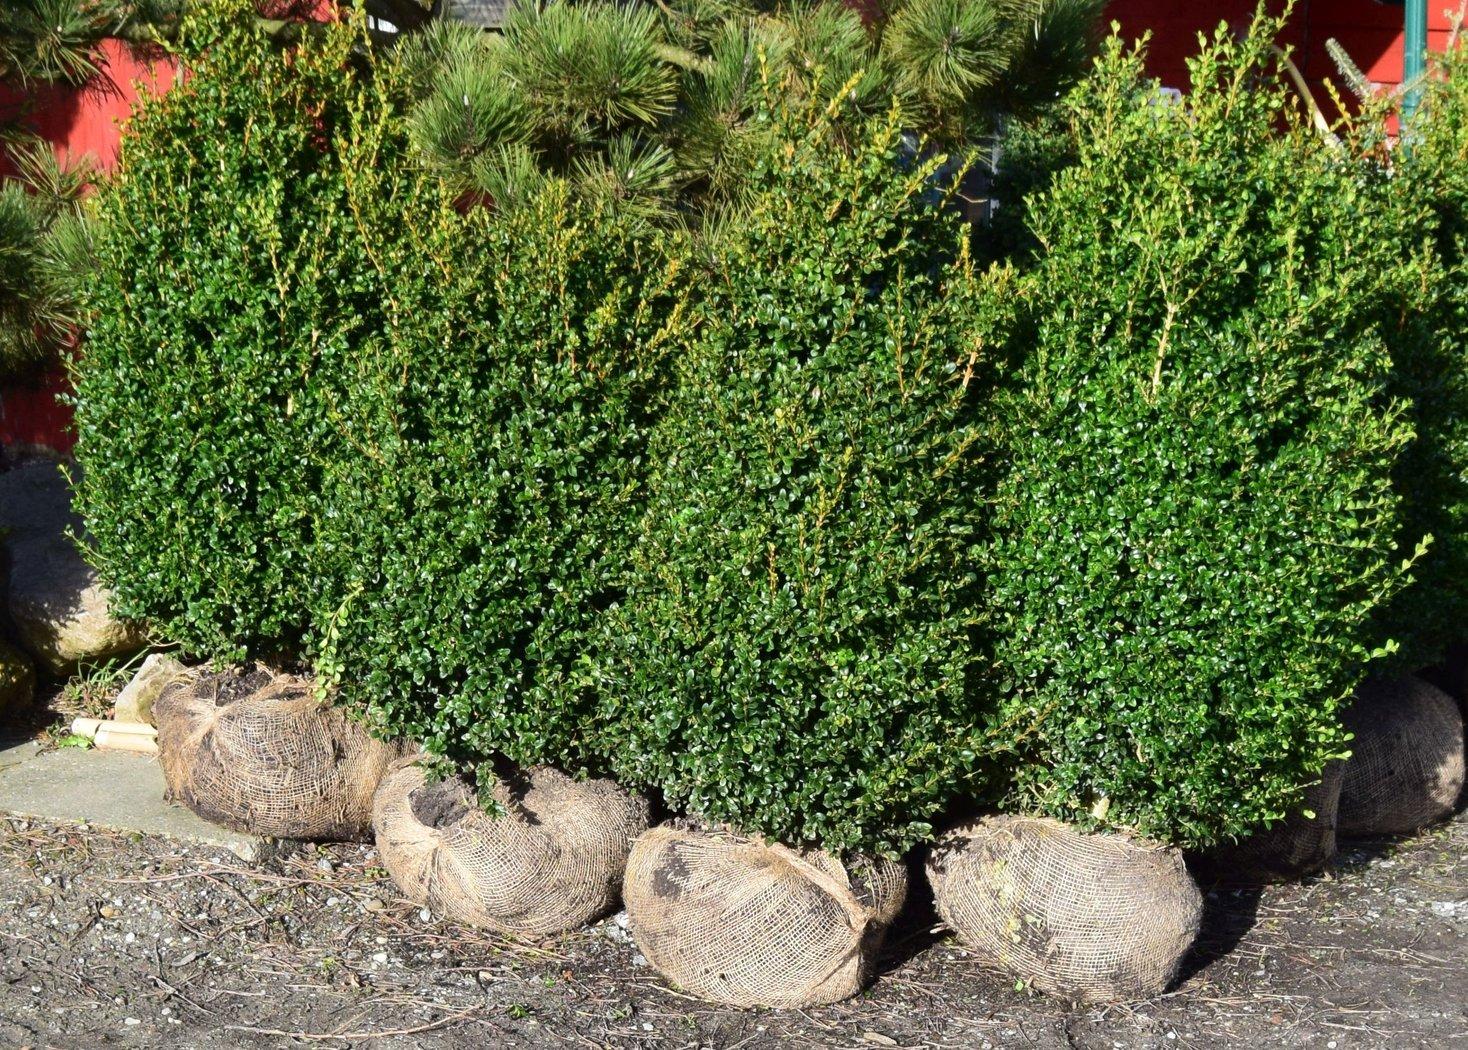 buchsbaum microphylla japonica h he 100 120cm der pflanzenprofi aus ostfriesland. Black Bedroom Furniture Sets. Home Design Ideas